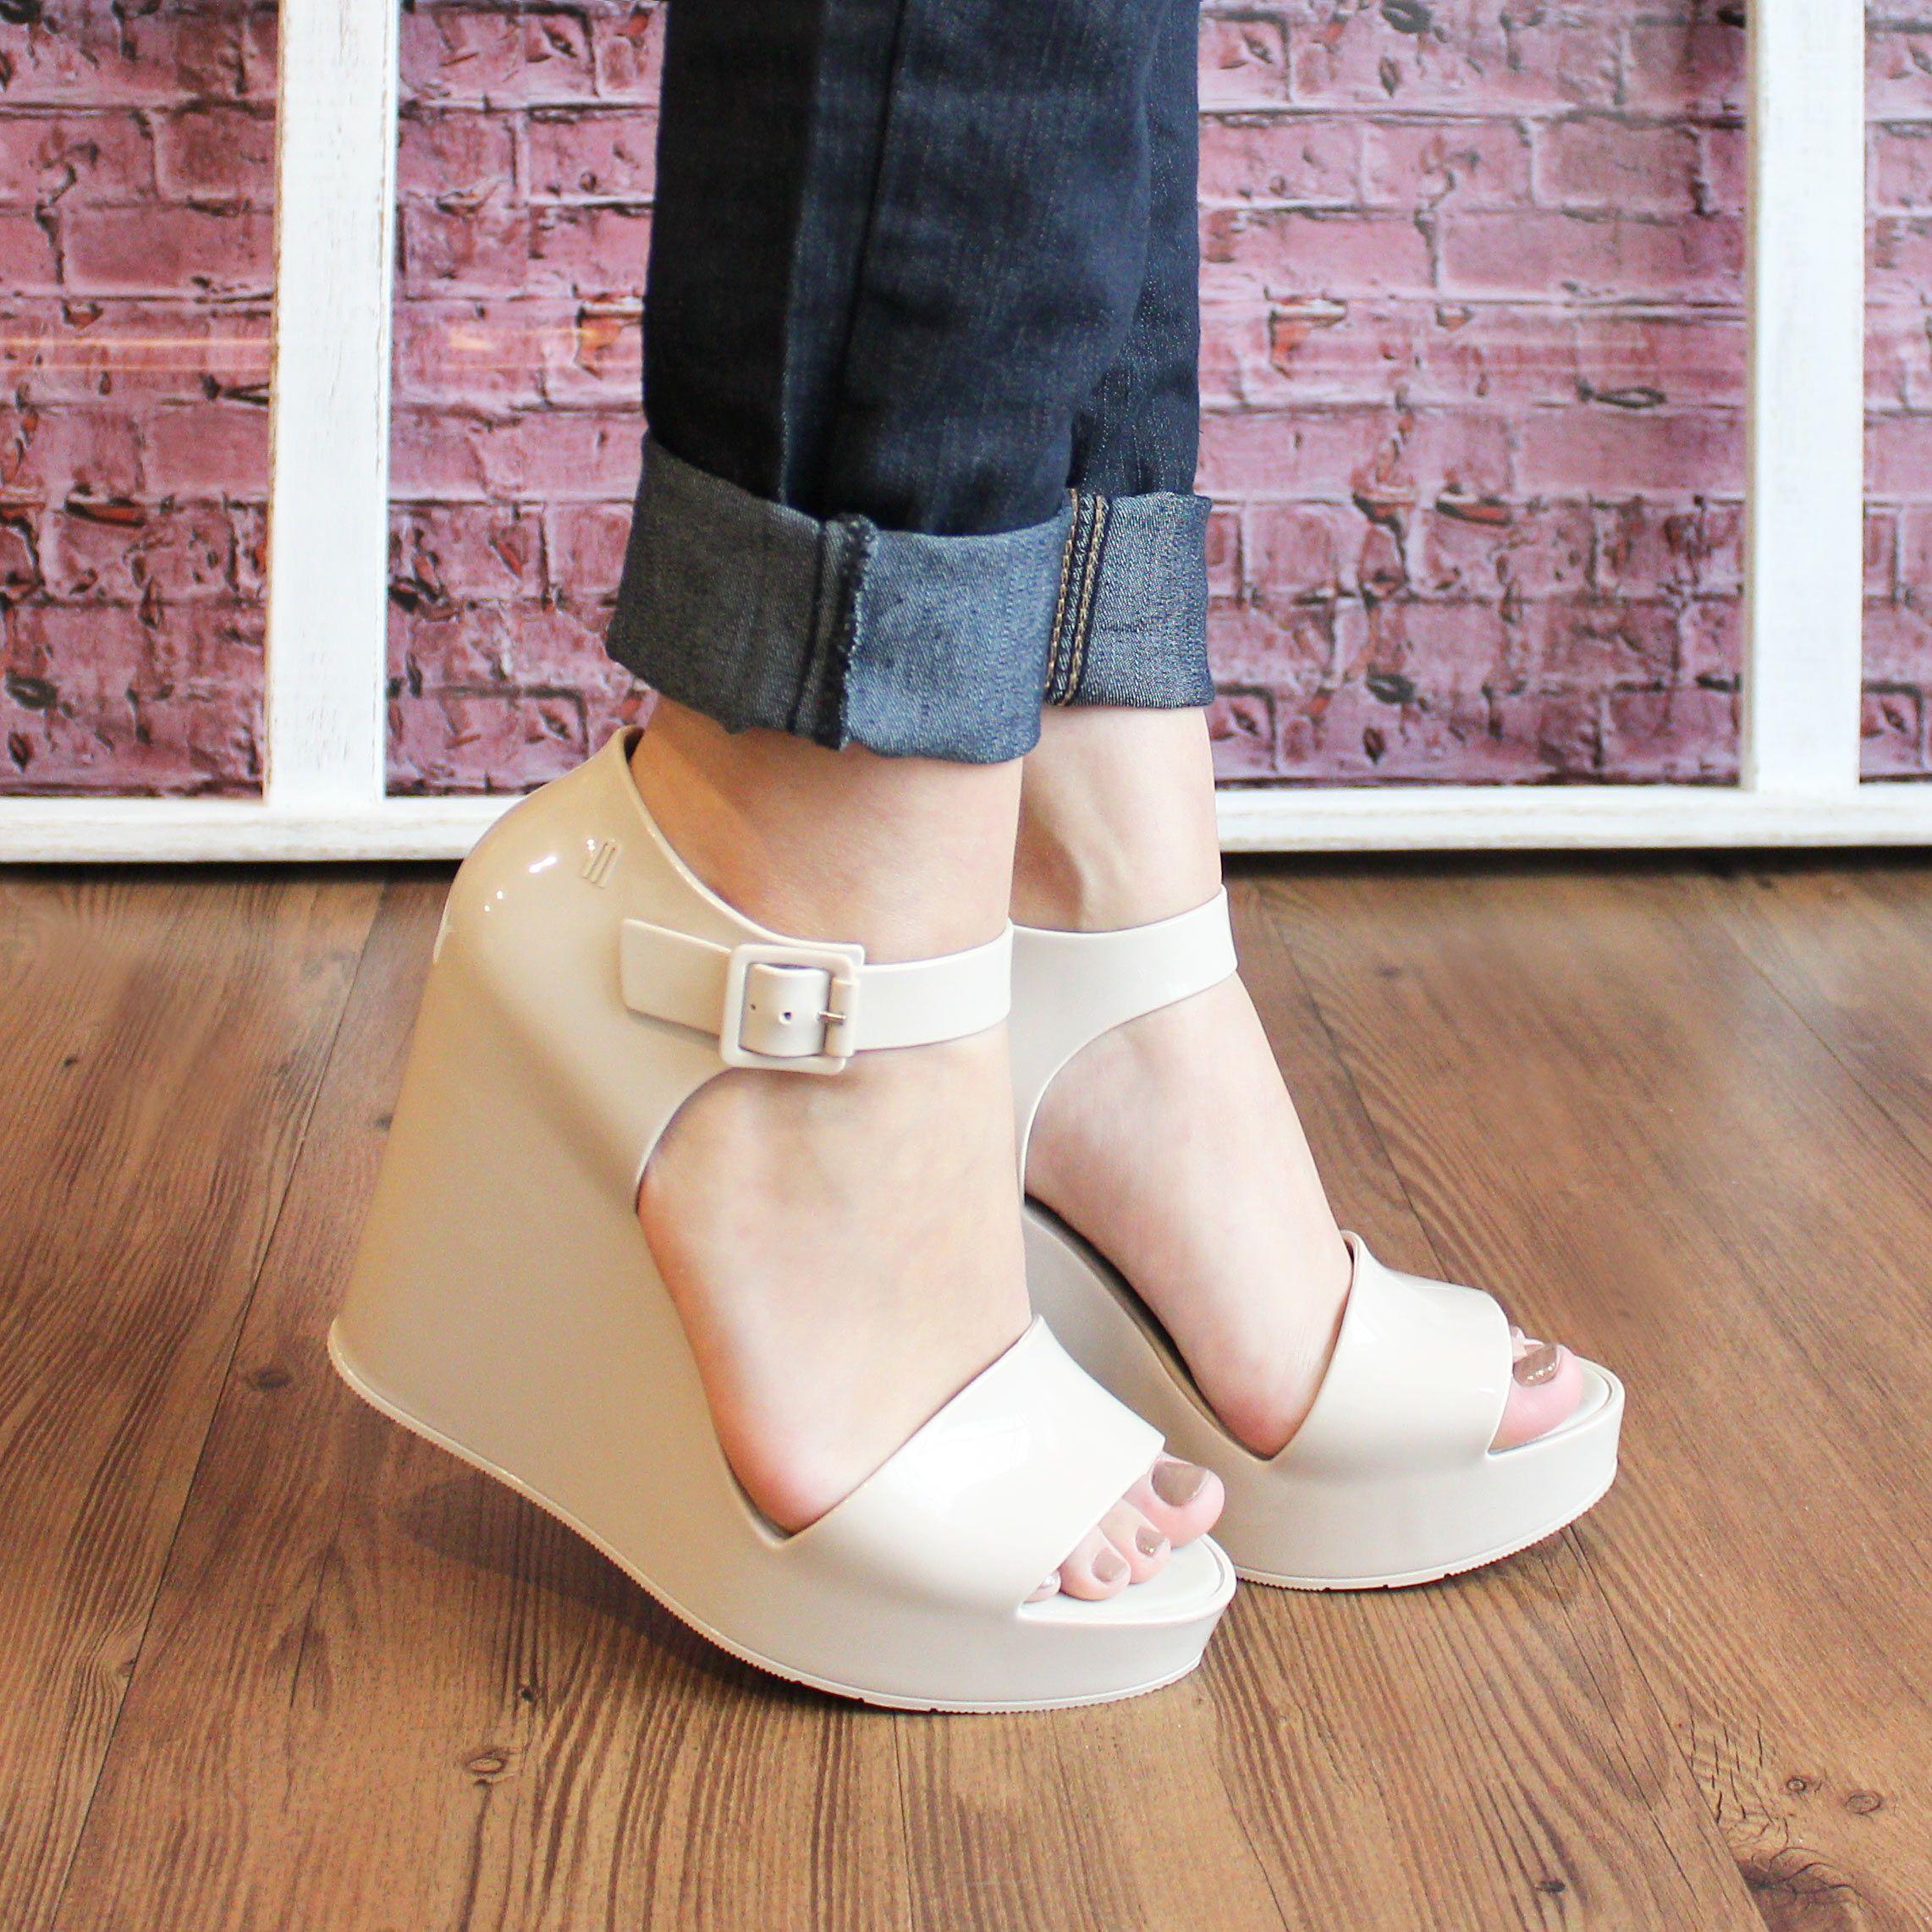 846634eaa1 Melissa Mar Wedge Sapatos Confortáveis